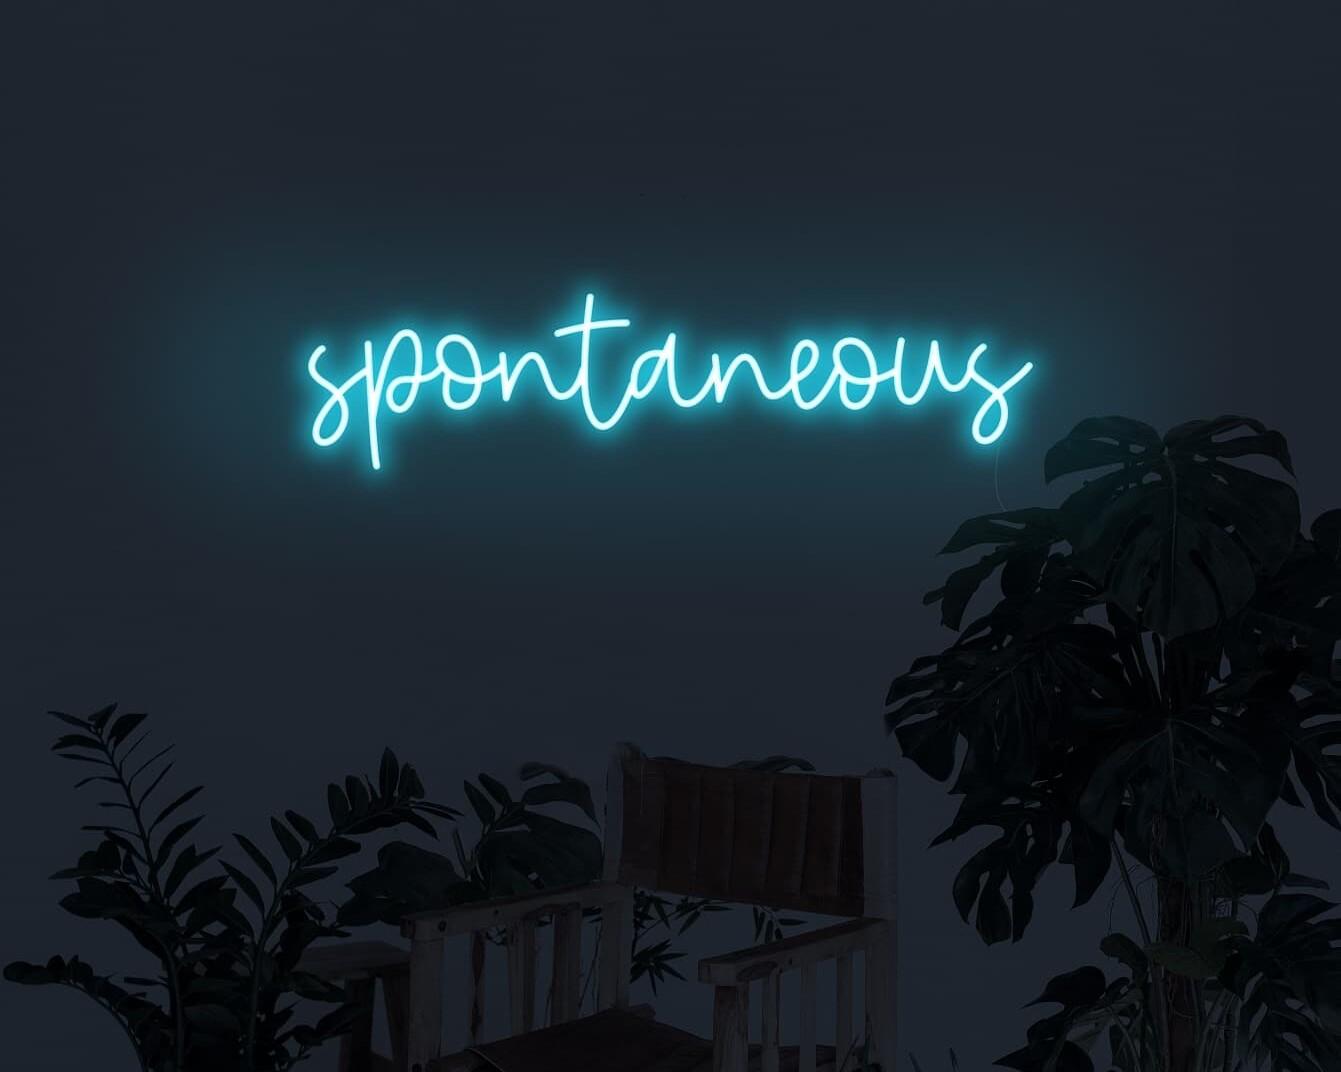 Spontaneous Neon Sign